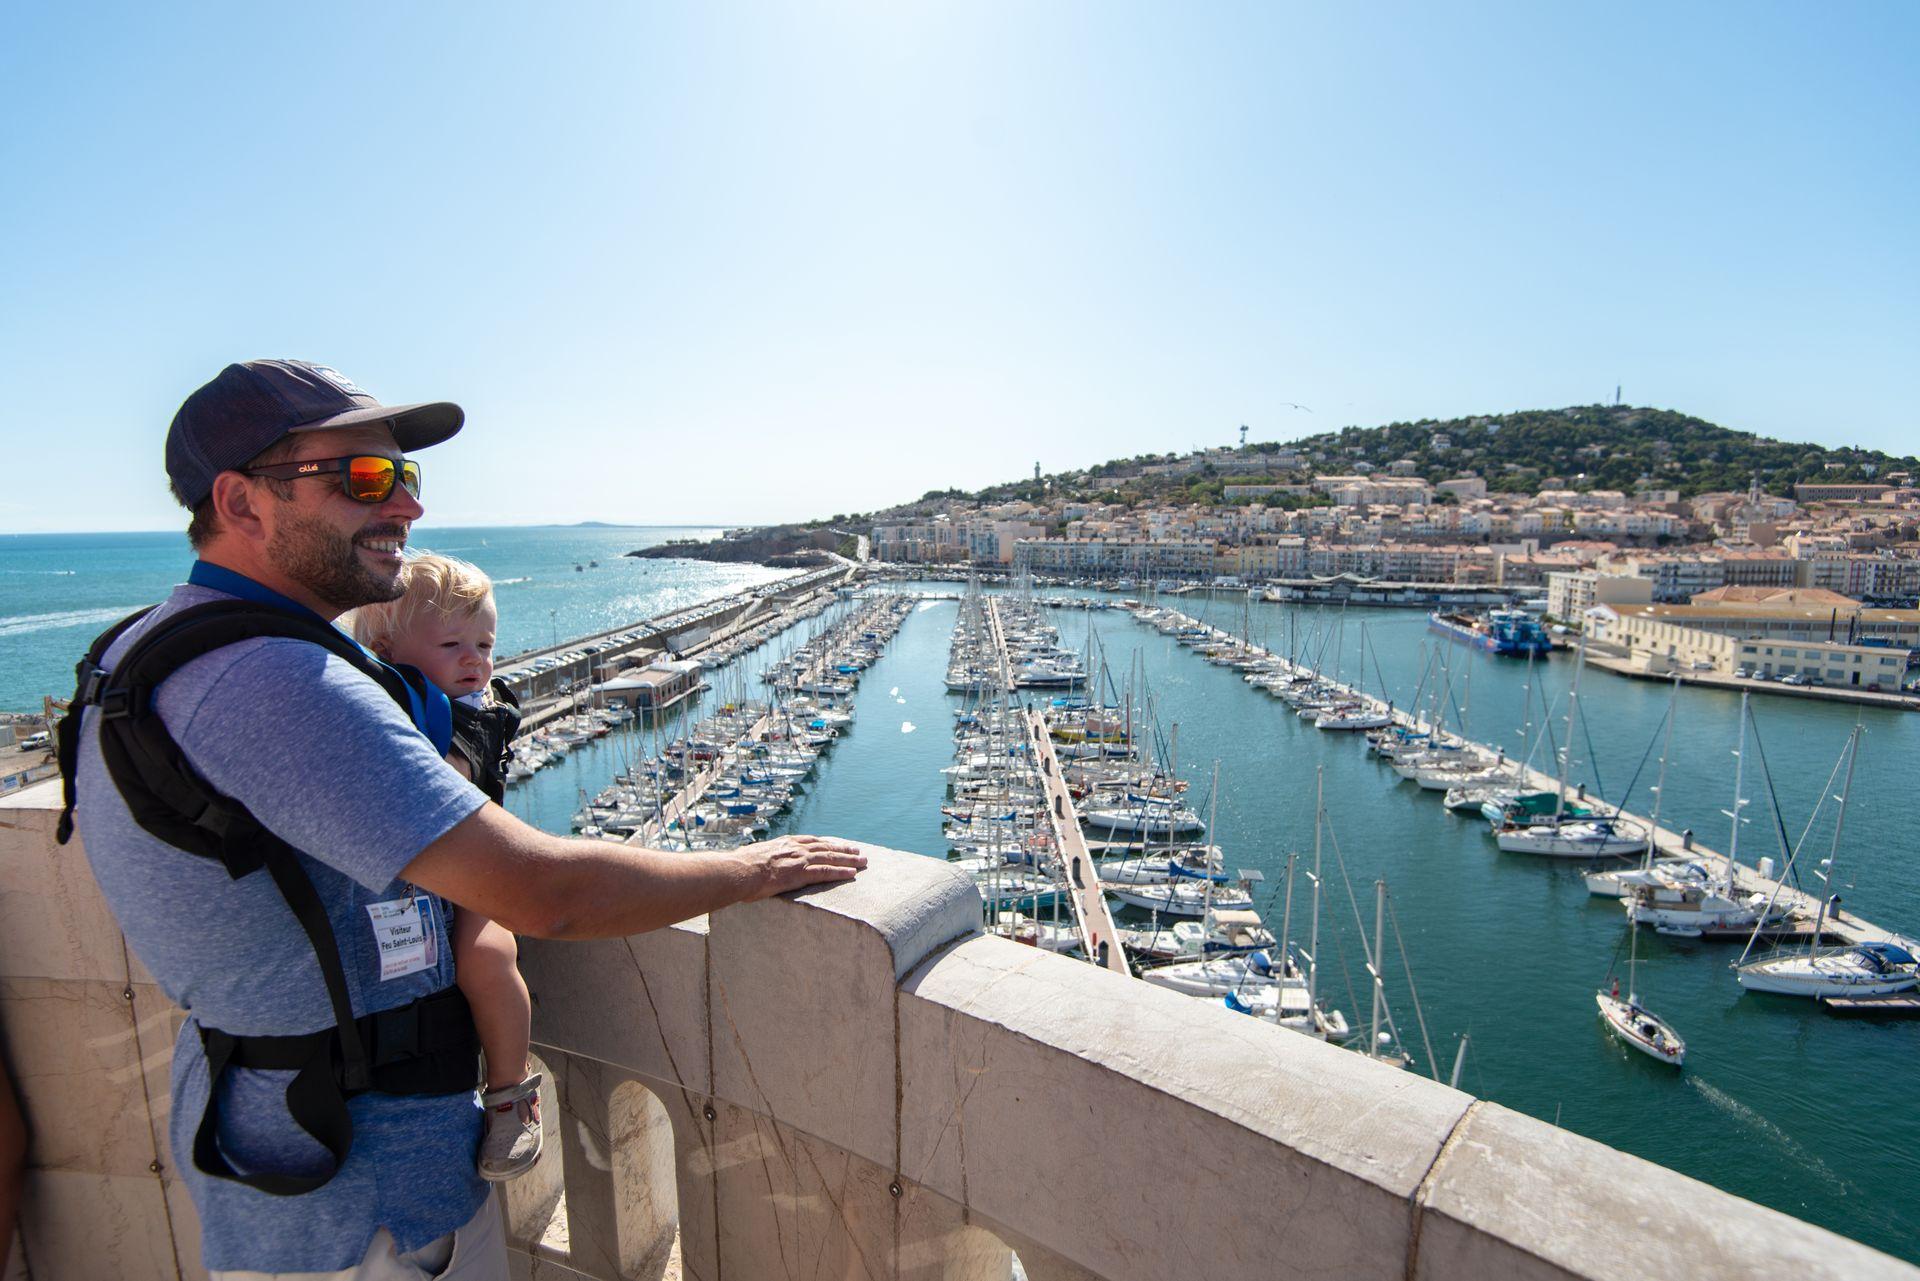 Vue du Phare à Sète en famille, papa et son bébé